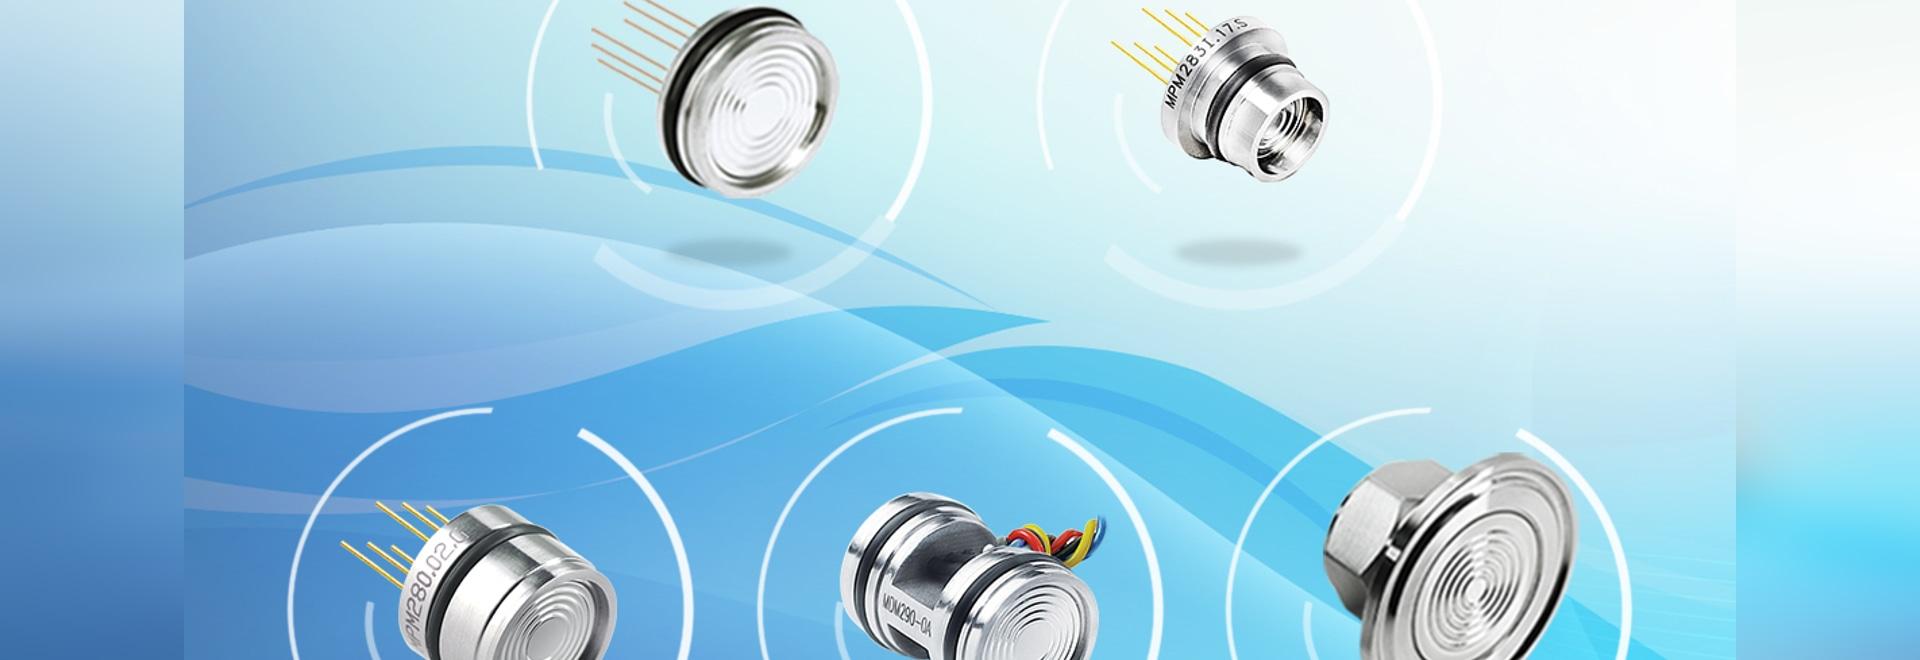 Druck-Sensoren entwarfen durch Mikro-Sensor